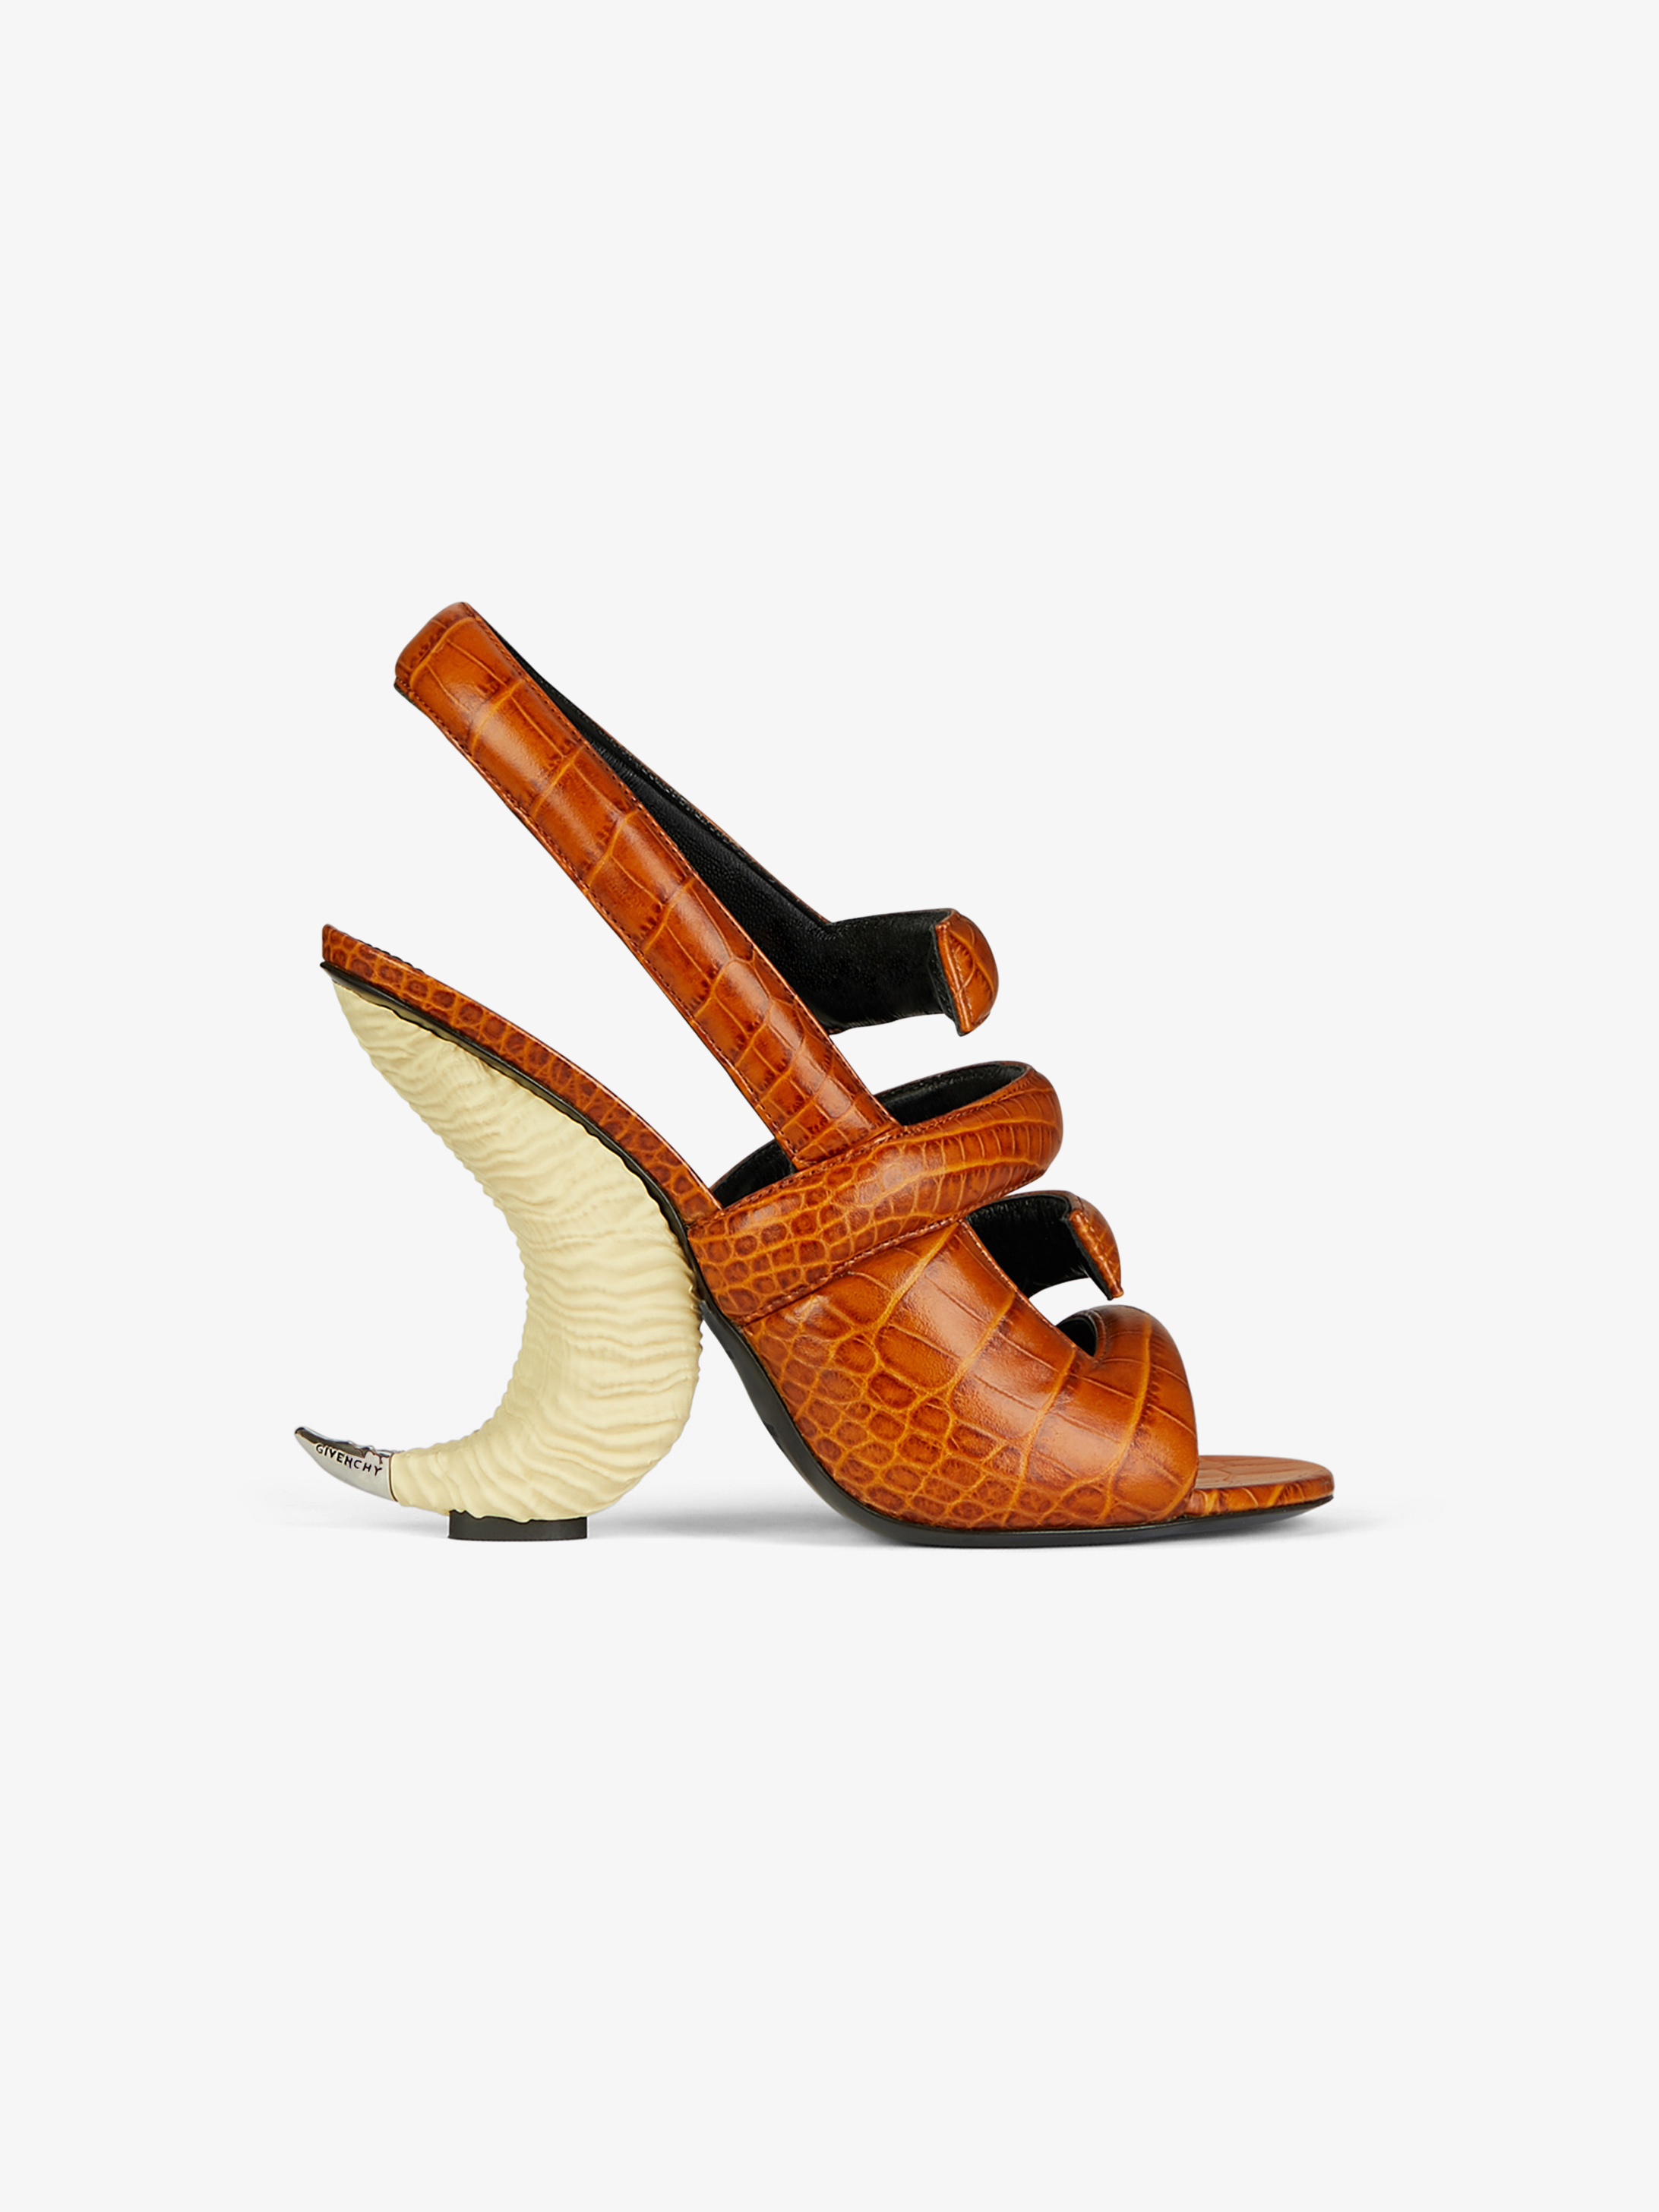 Sandales en cuir façon crocodile à talon corne